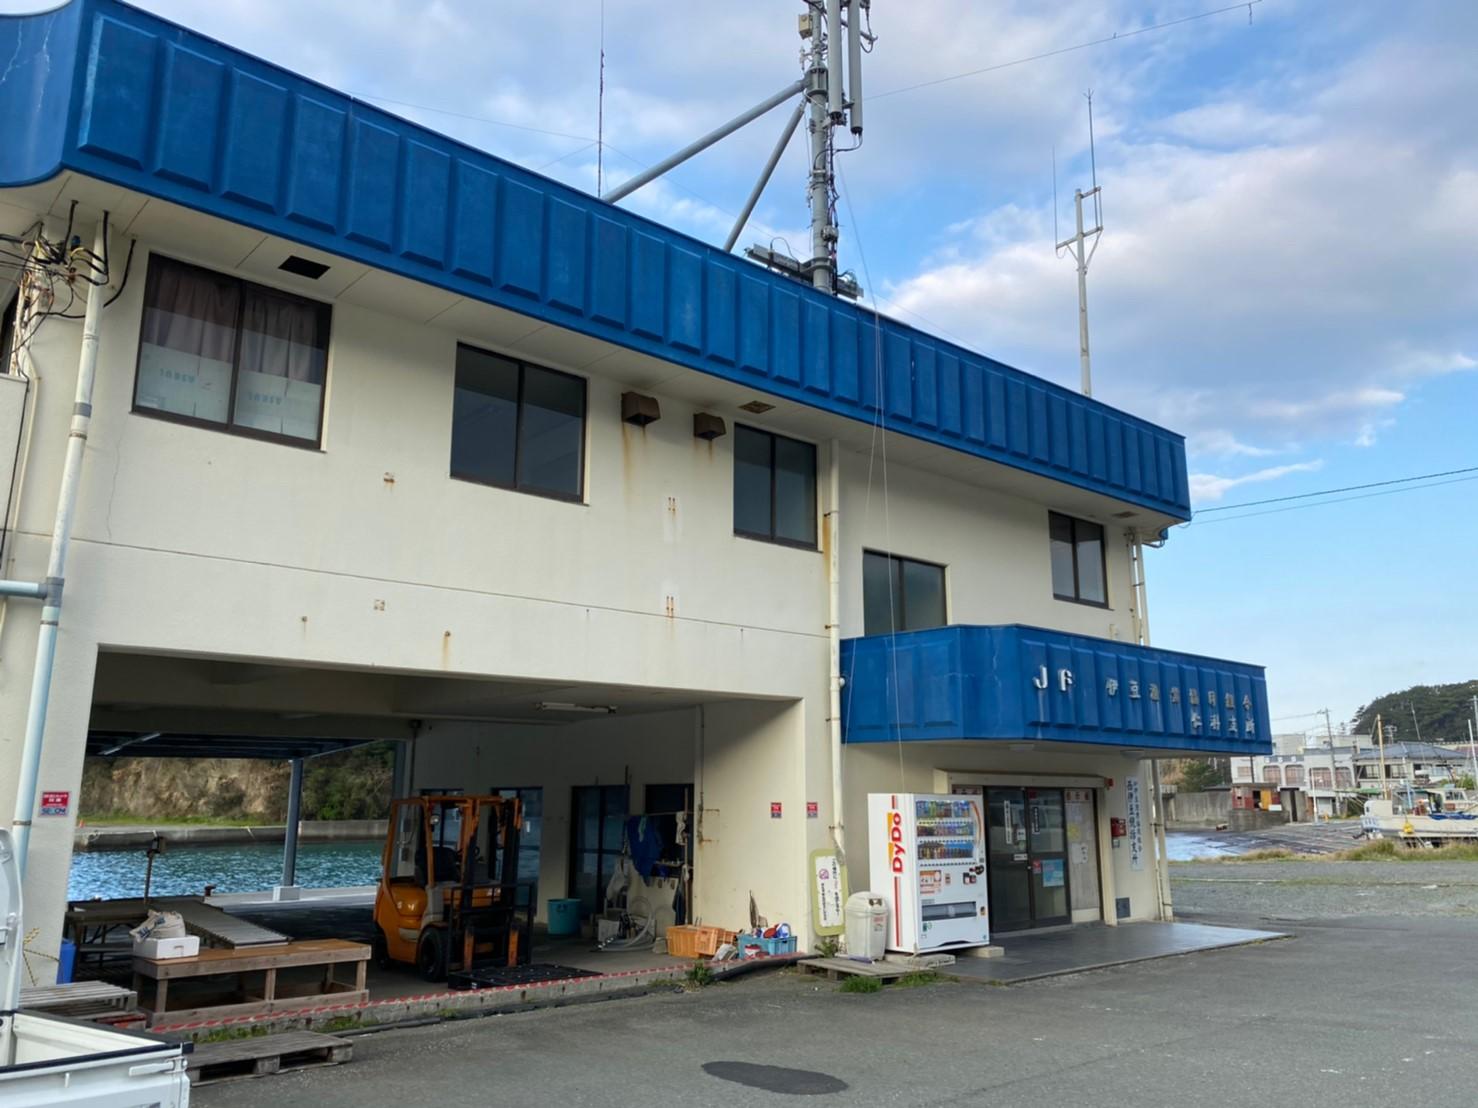 【西伊豆町】『仁科漁港付近 にしなぎょこう』の釣り場ガイド(釣れる魚・駐車場)